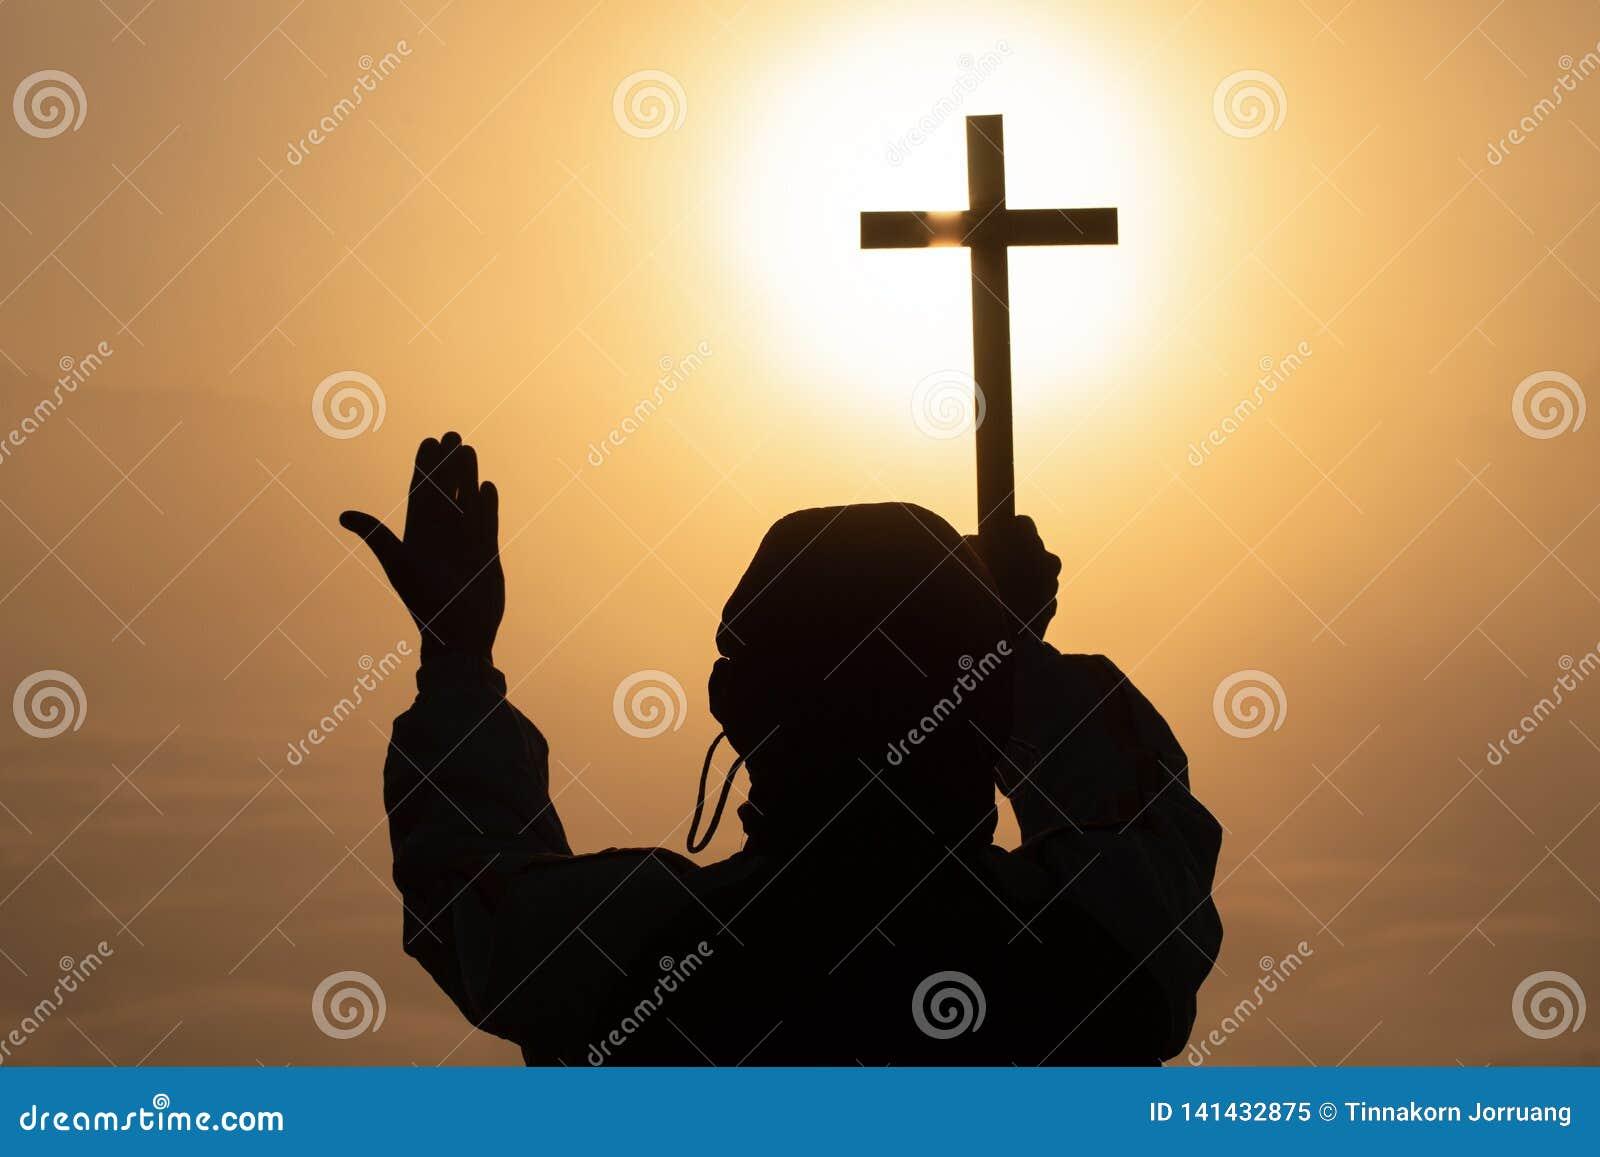 拿着十字架,十字架的基督徒人剪影在祈祷为从神的祝福的手上阳光背景的,希望概念